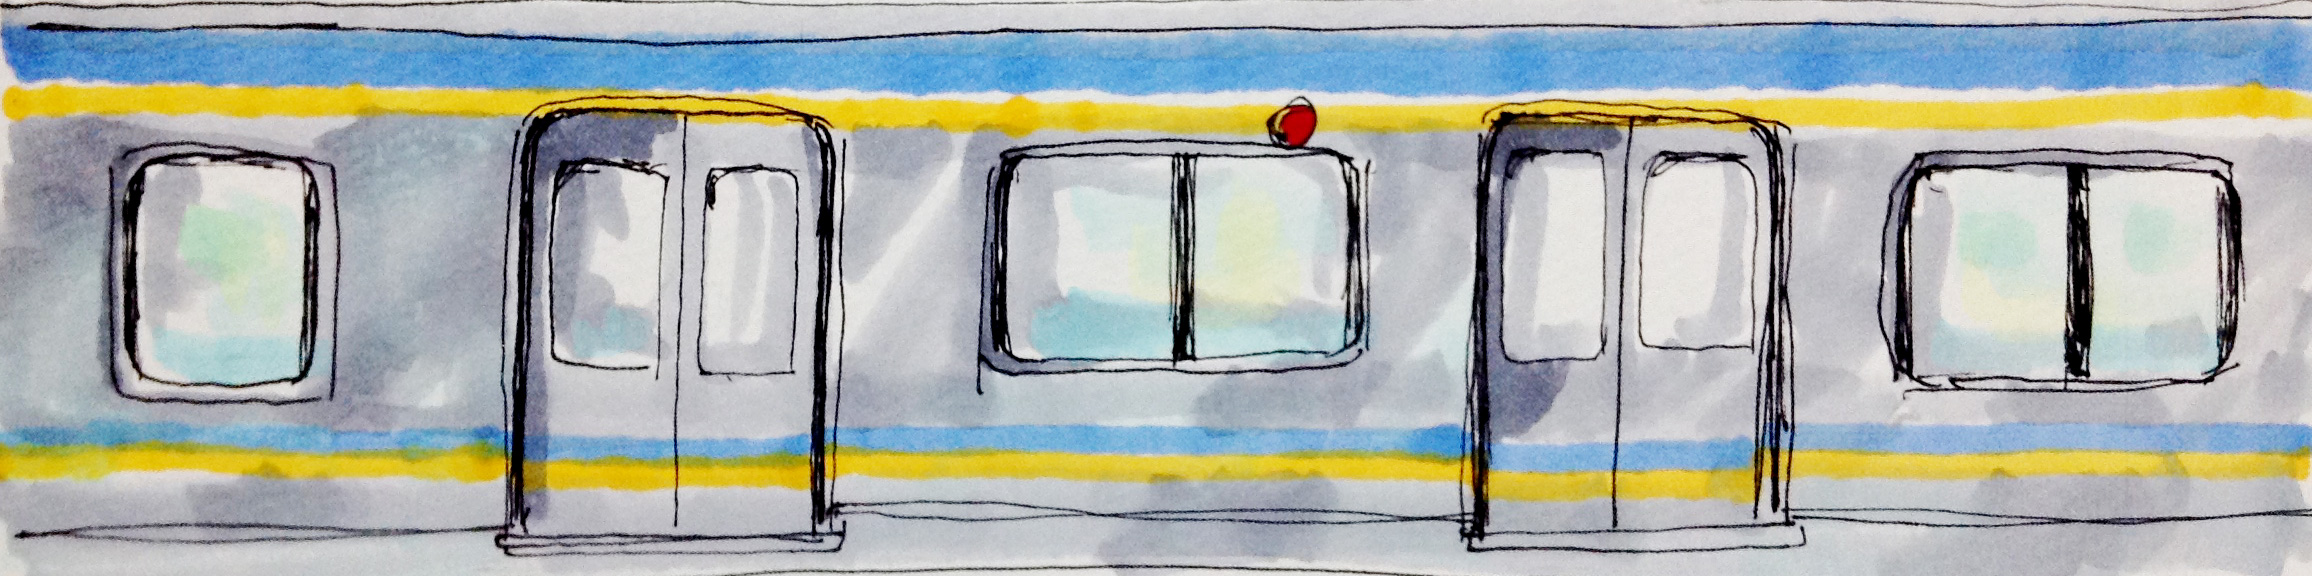 南海電車の車体のカラーのイメージをコピックで描いたイラスト